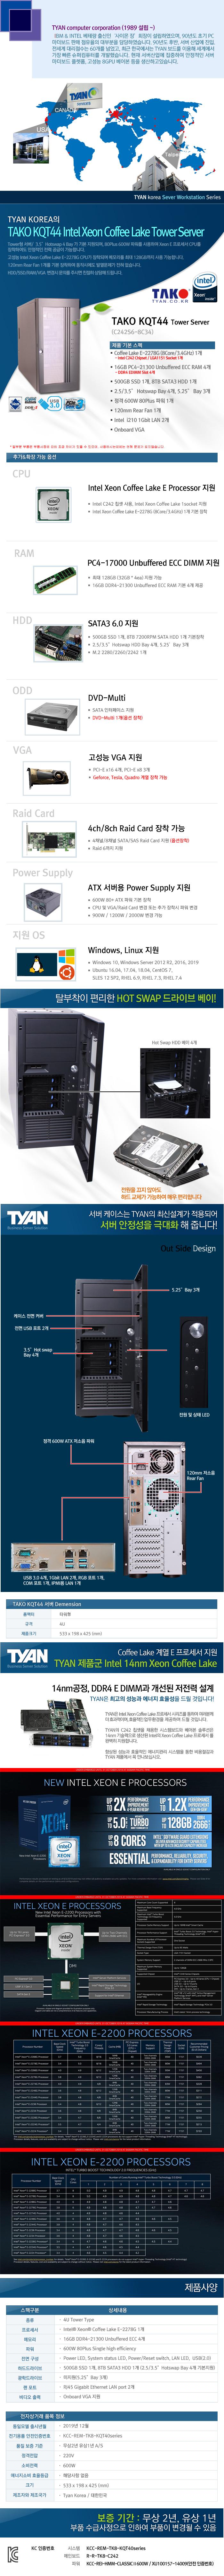 TYAN TAKO-KQT44-(C242S6-8C34) (64GB, SSD 500GB + 8TB)